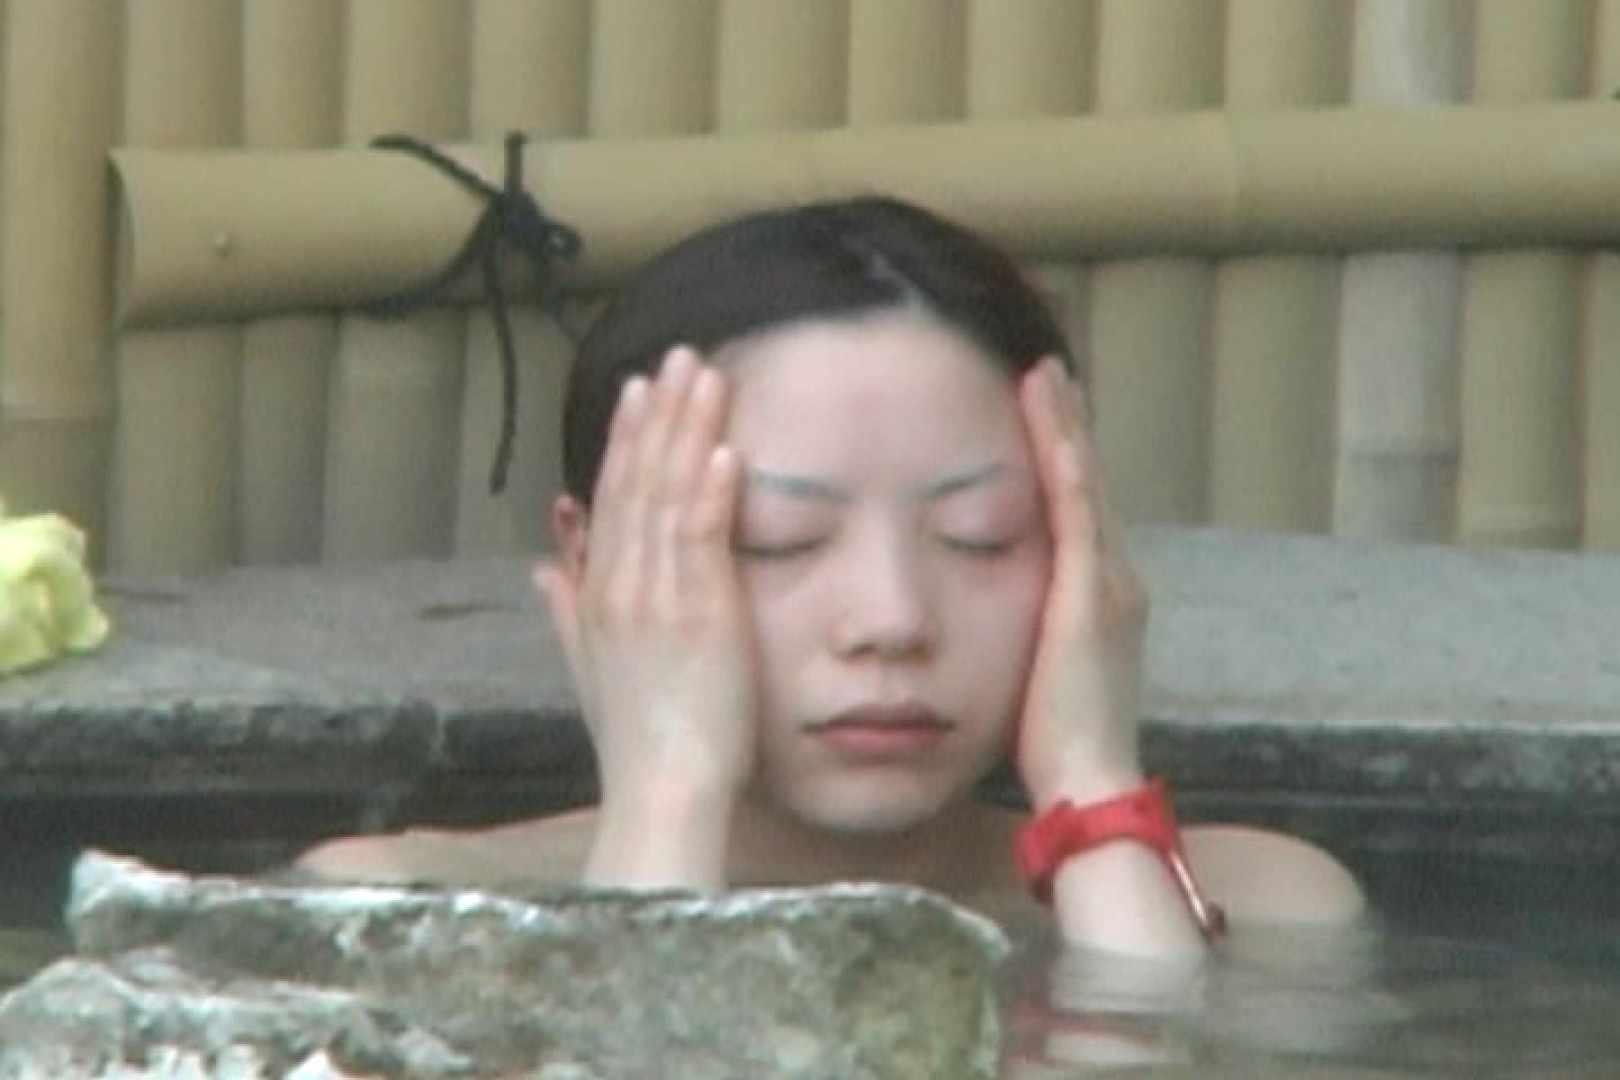 Aquaな露天風呂Vol.596 盗撮シリーズ  113PIX 102